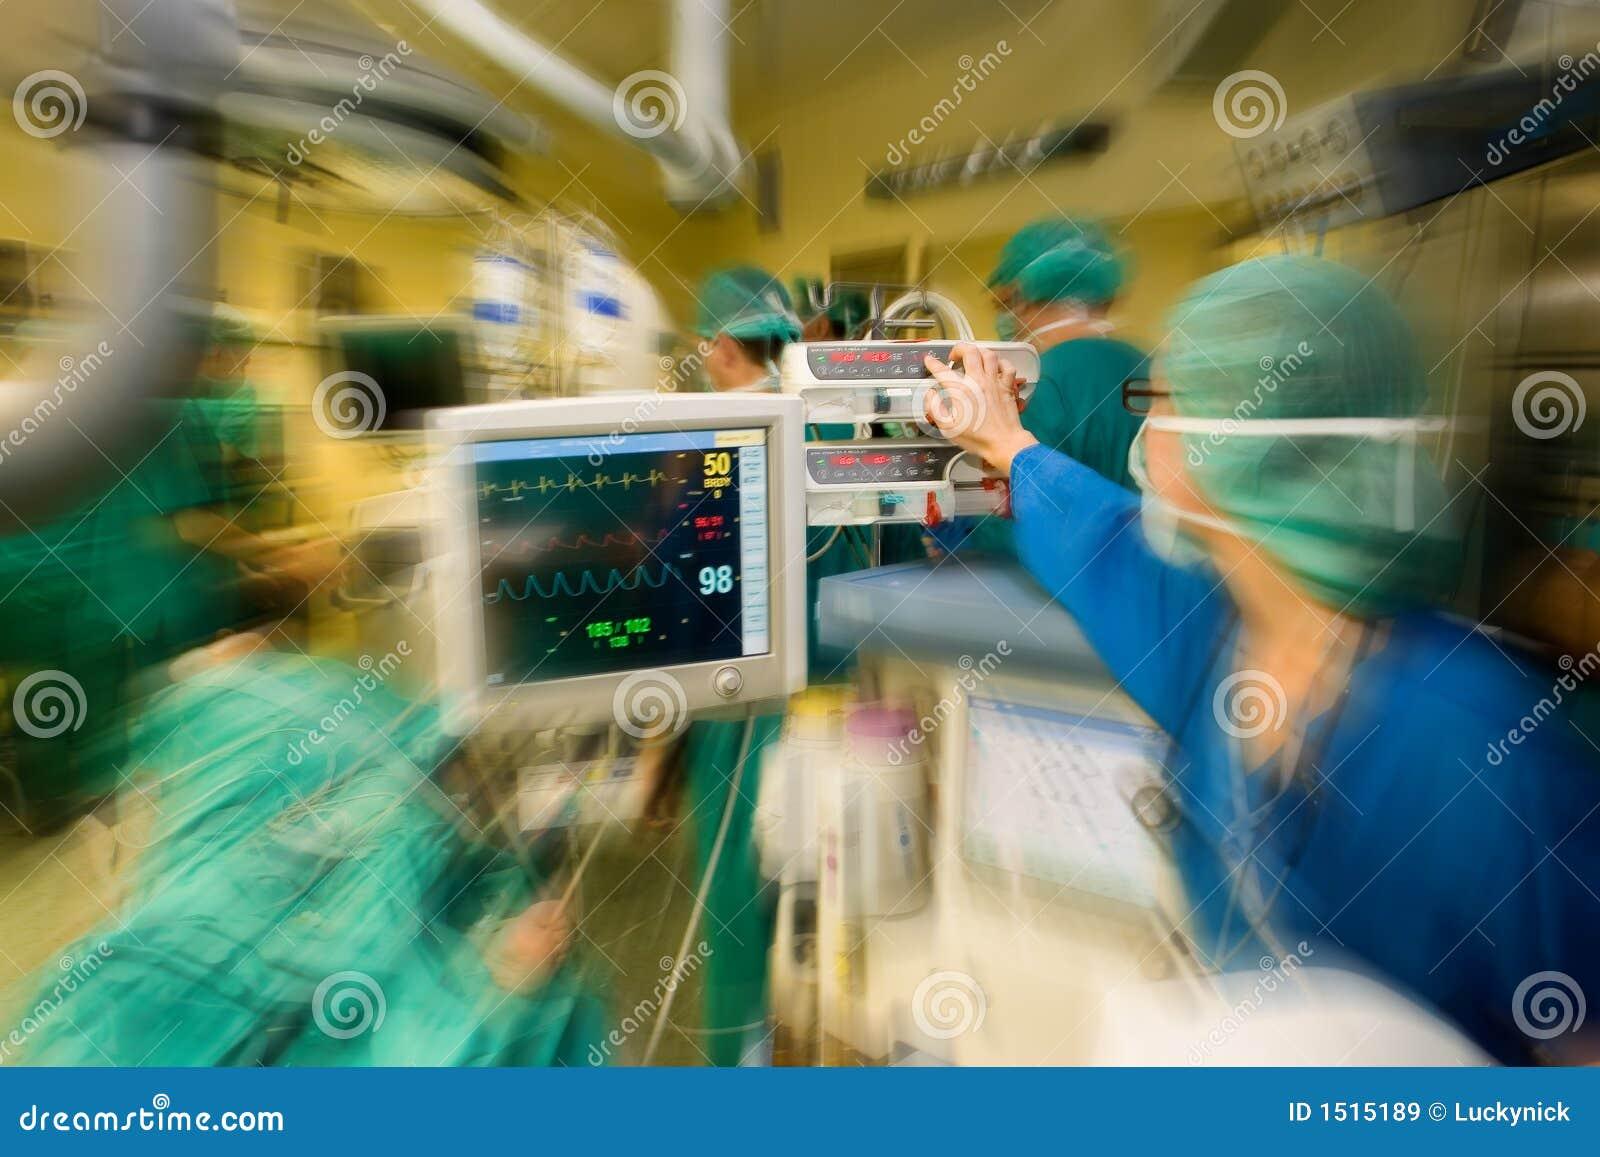 Medische verrichting